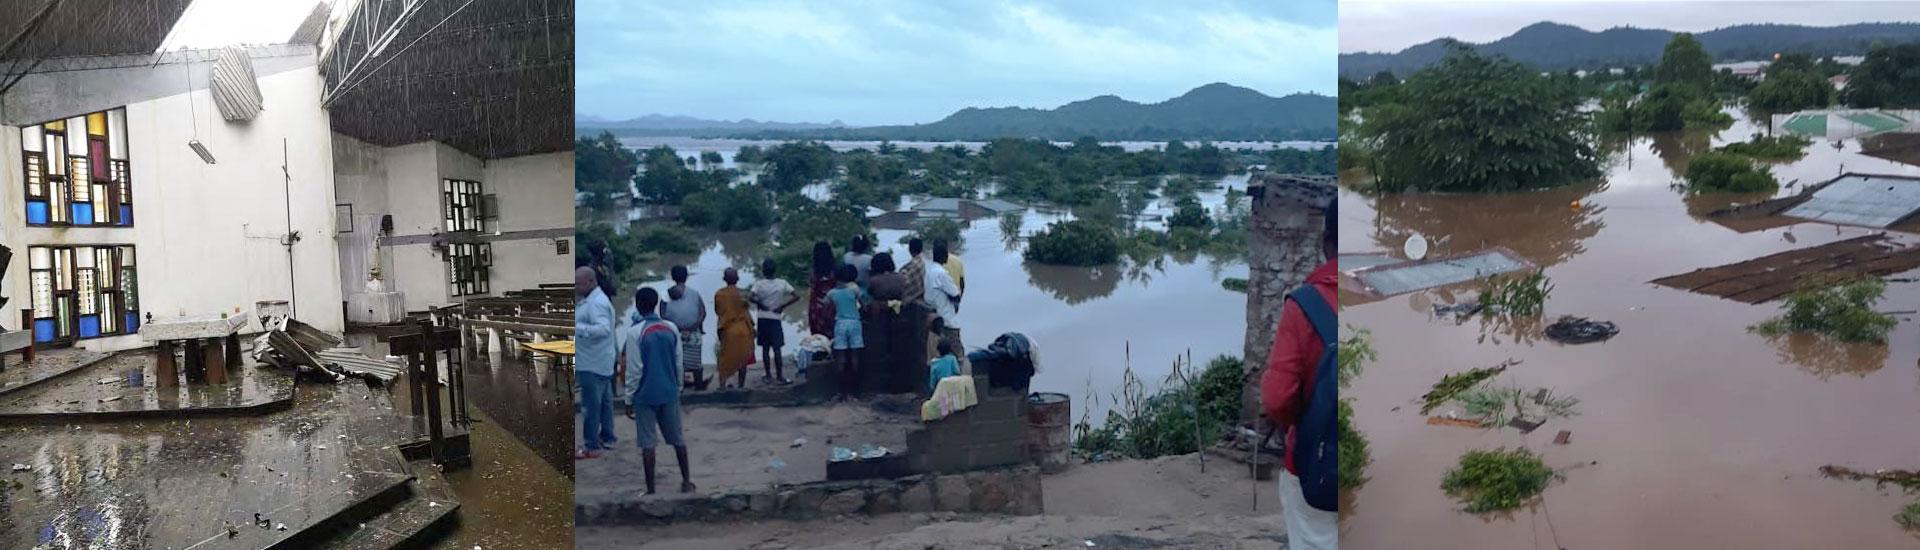 Un ciclón en Mozambique deja miles de afectados